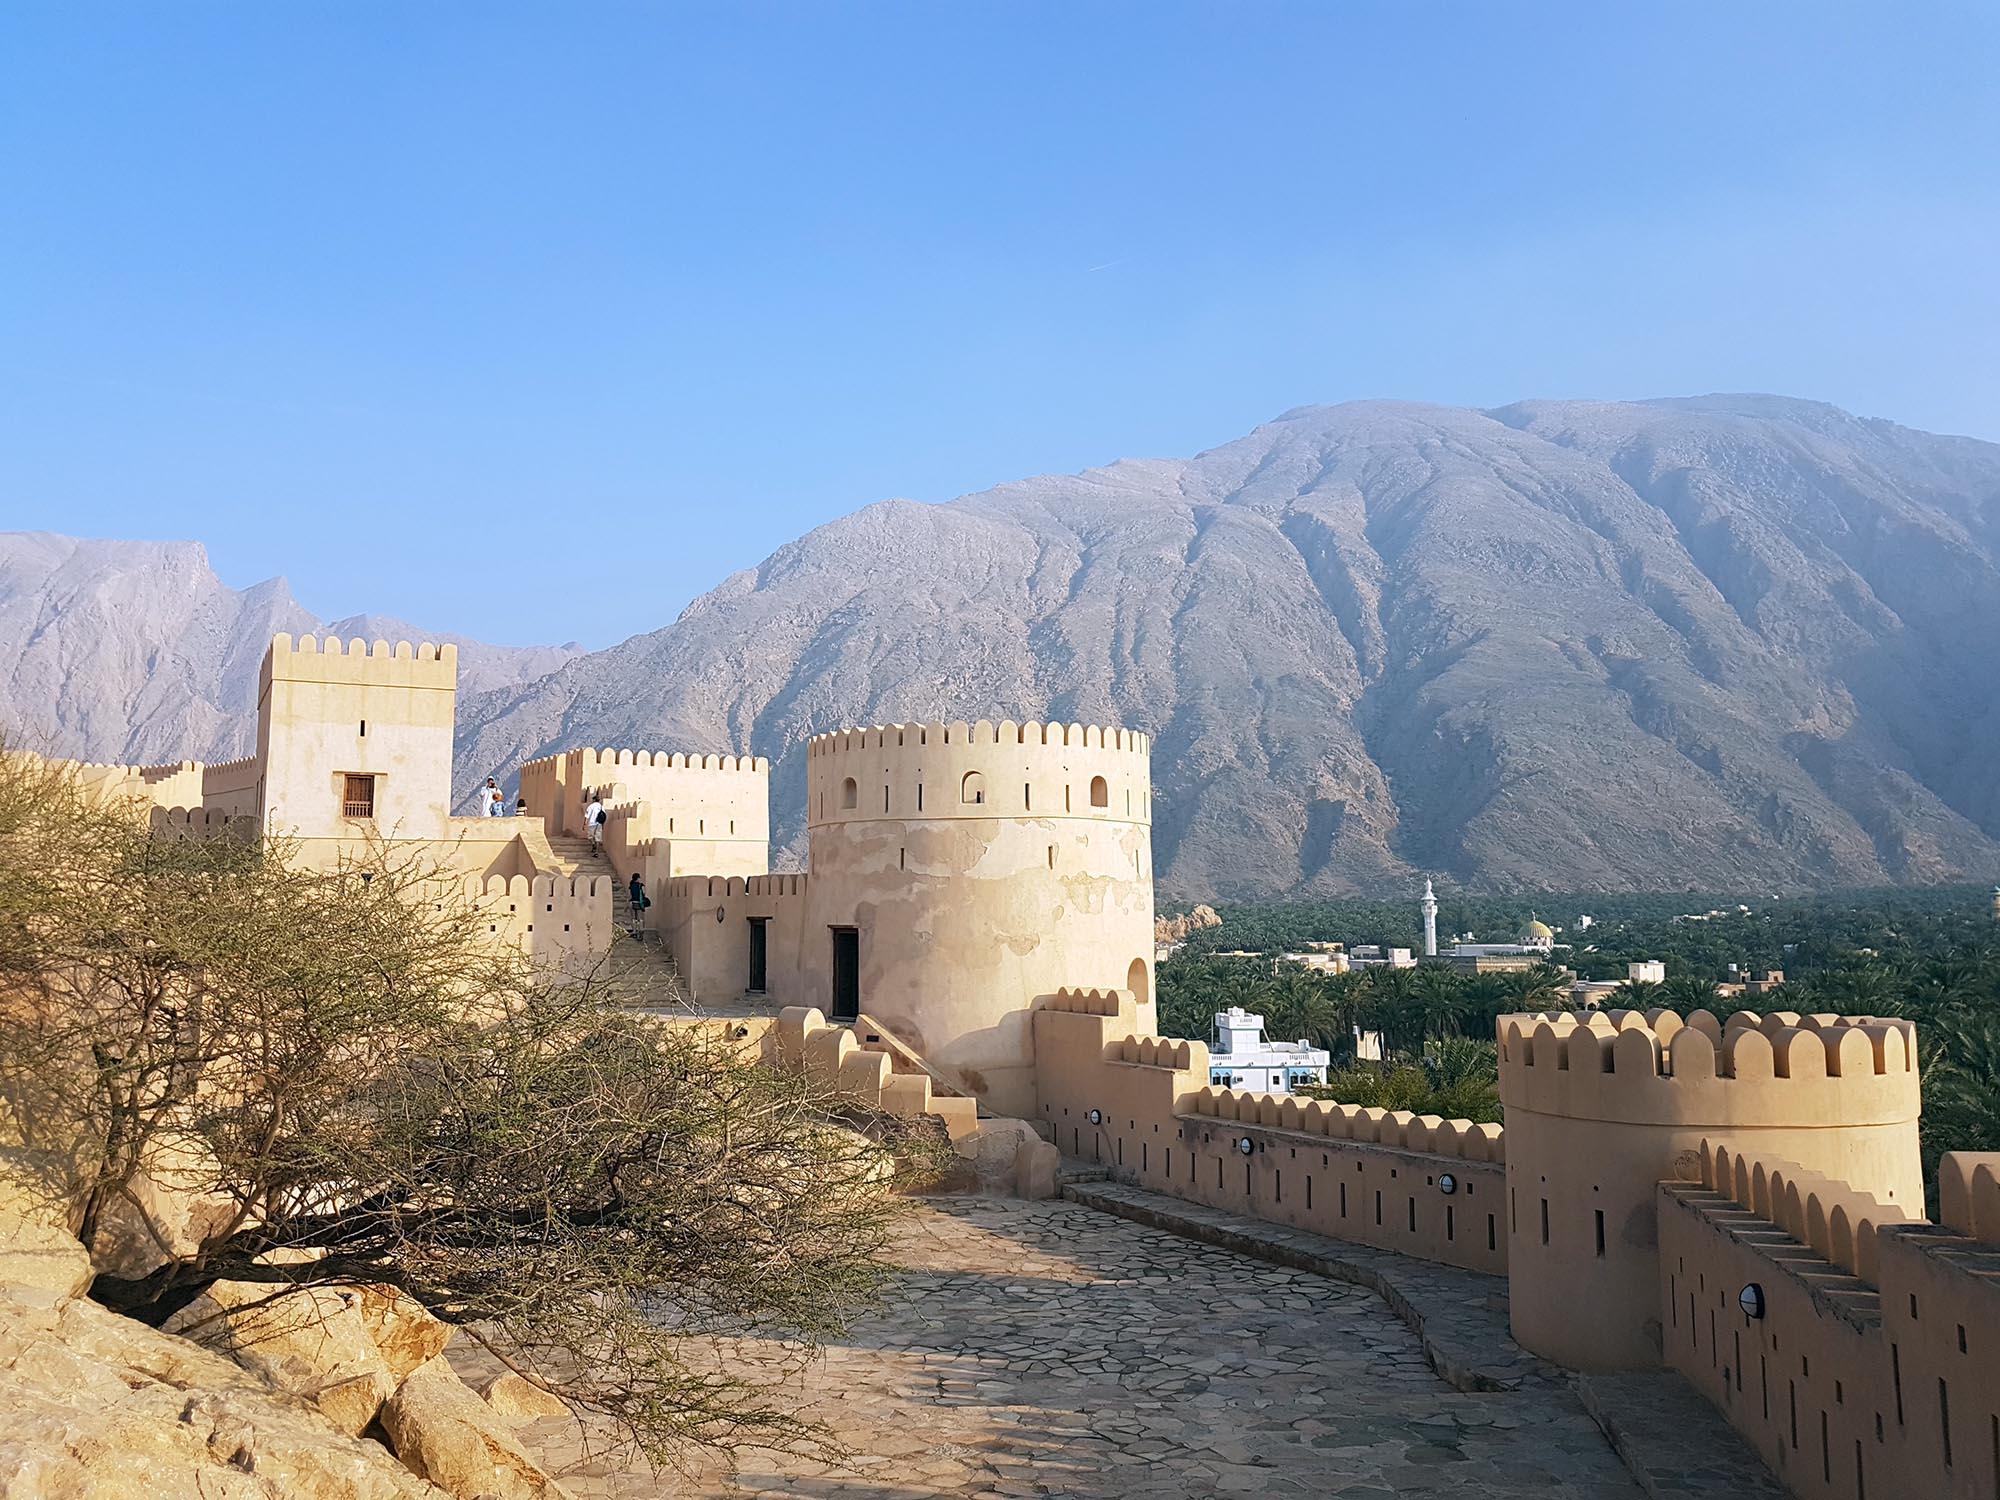 [Favoriete reizen] Oman